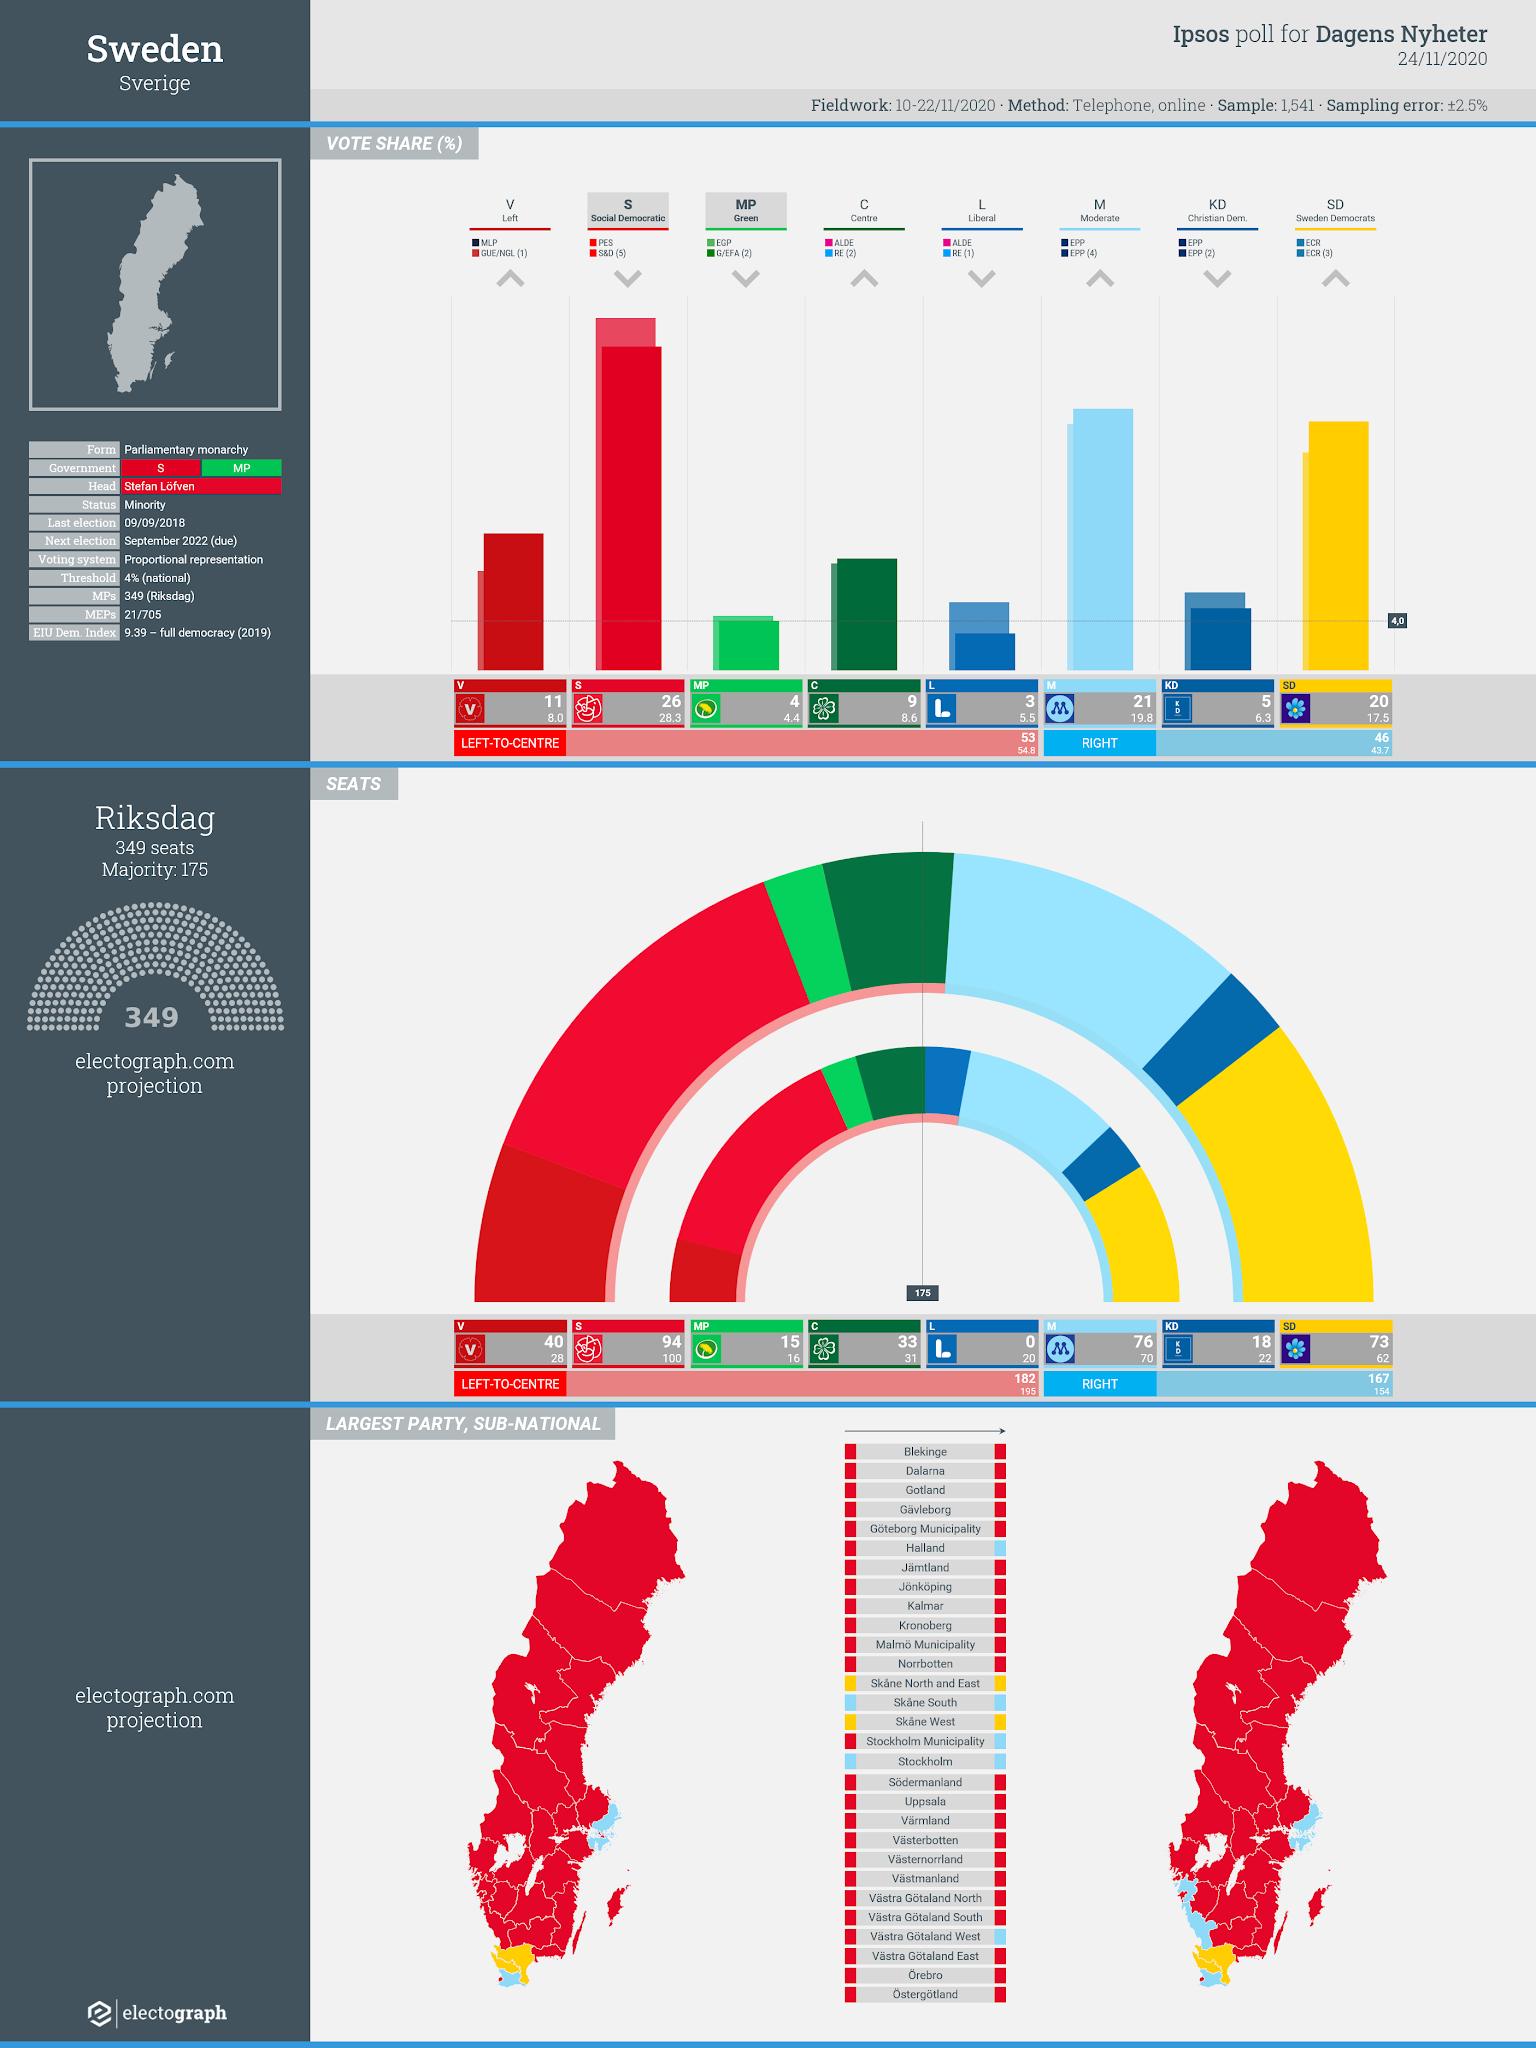 SWEDEN: Ipsos poll chart for Dagens Nyheter, 24 November 2020